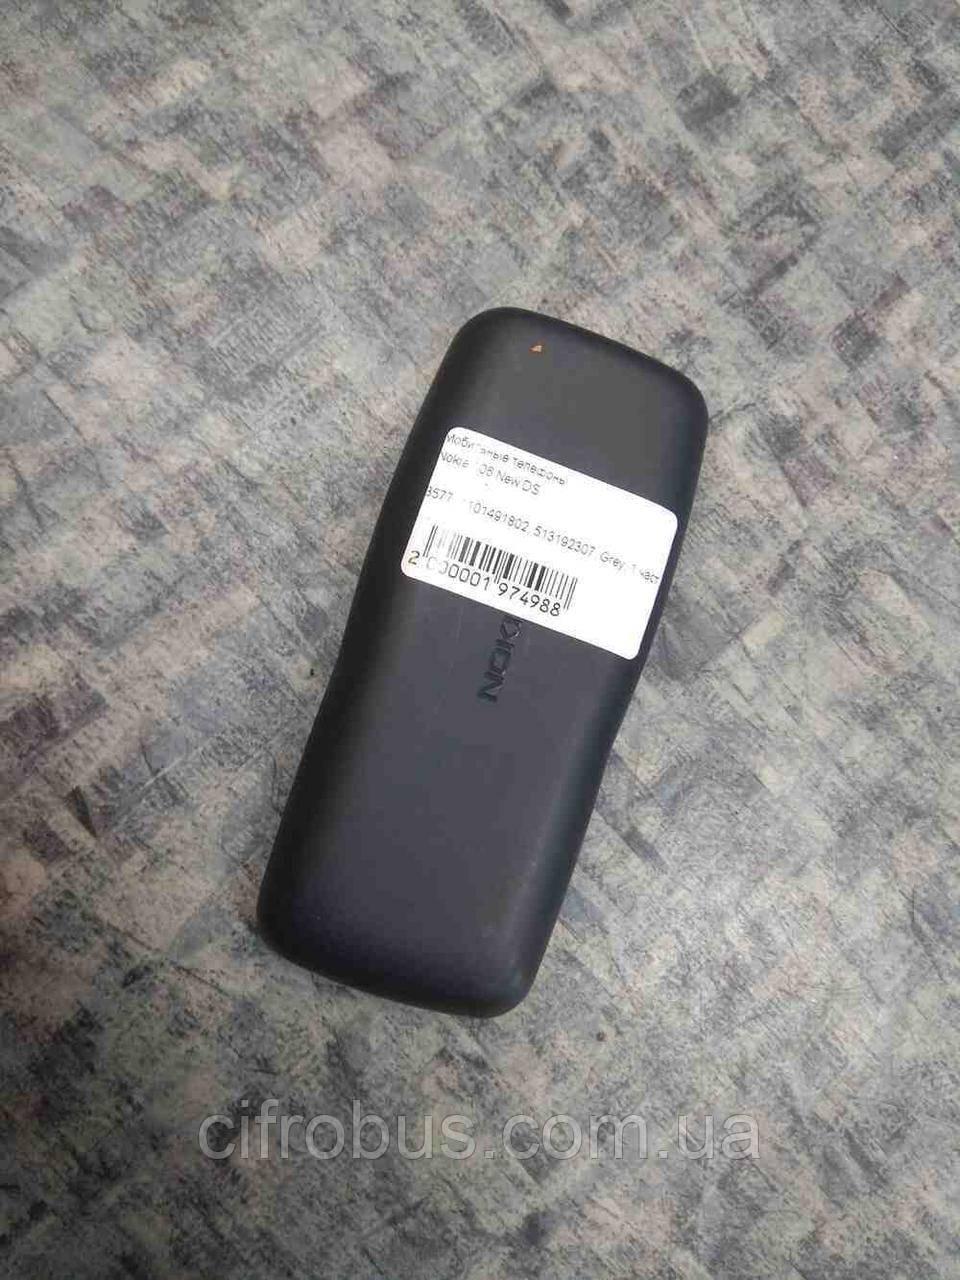 Б/У Nokia 106 New DS